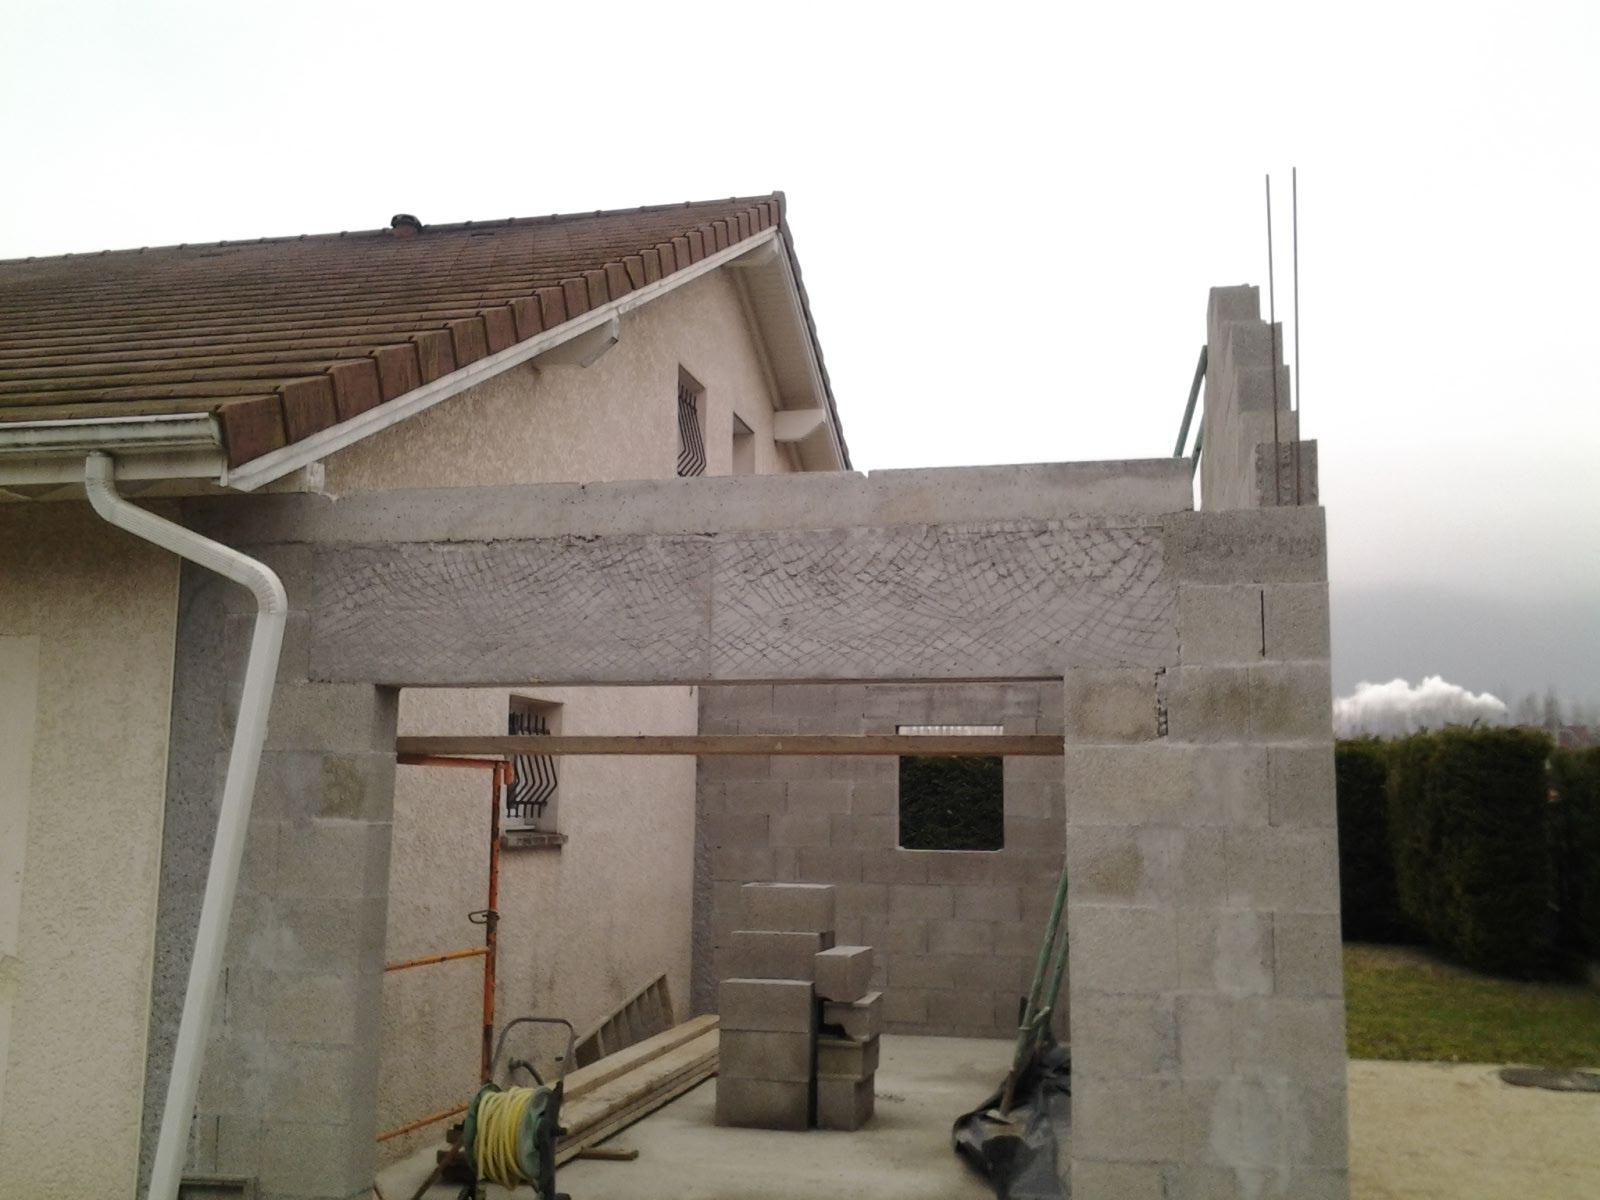 extension d habitation bmp charpente. Black Bedroom Furniture Sets. Home Design Ideas